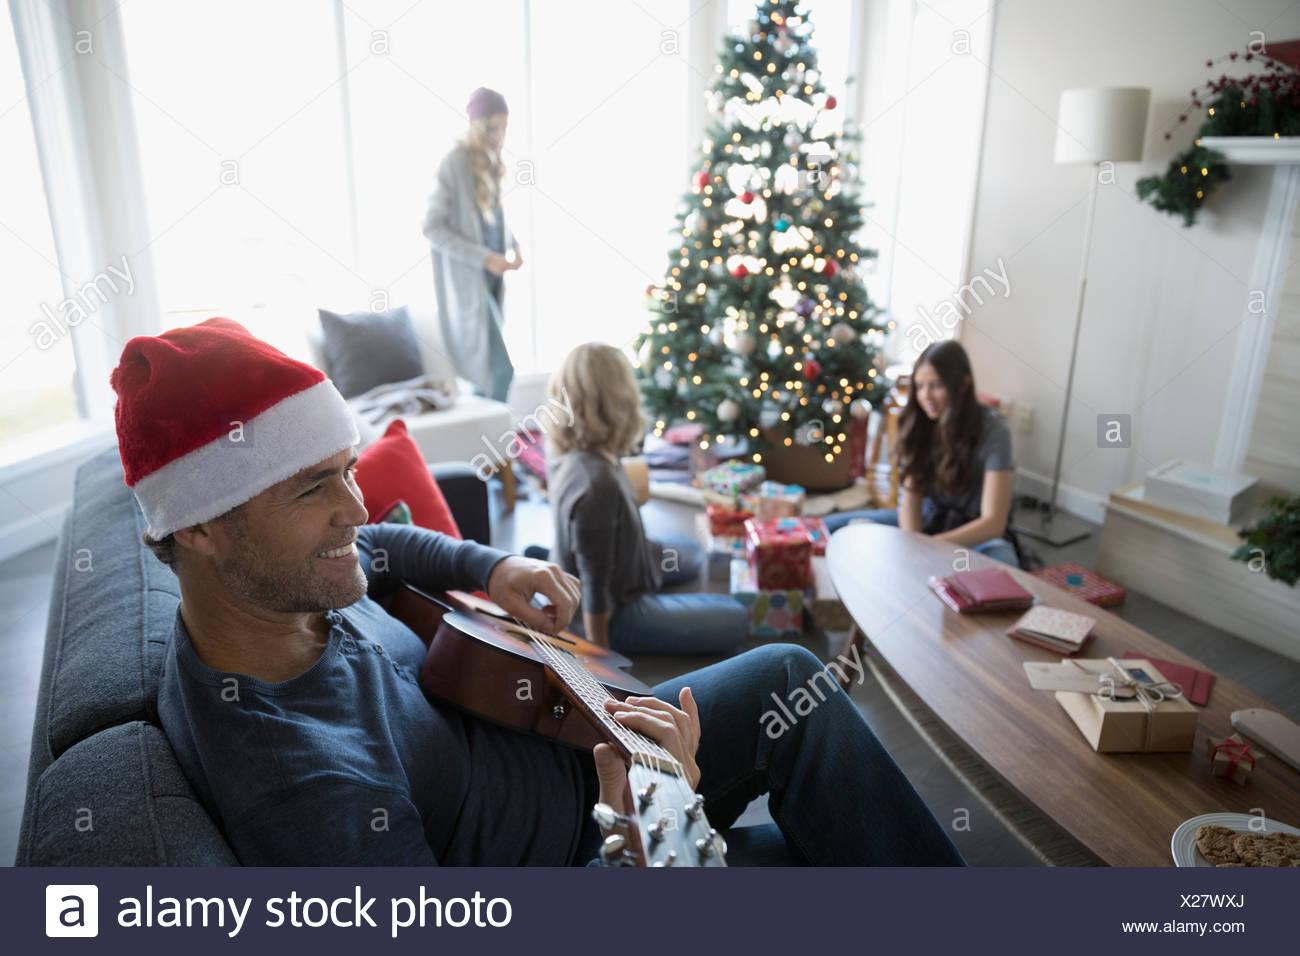 Padre sorridente in Santa hat a suonare la chitarra mentre la famiglia esegue il wrapping di doni in soggiorno con albero di Natale Immagini Stock